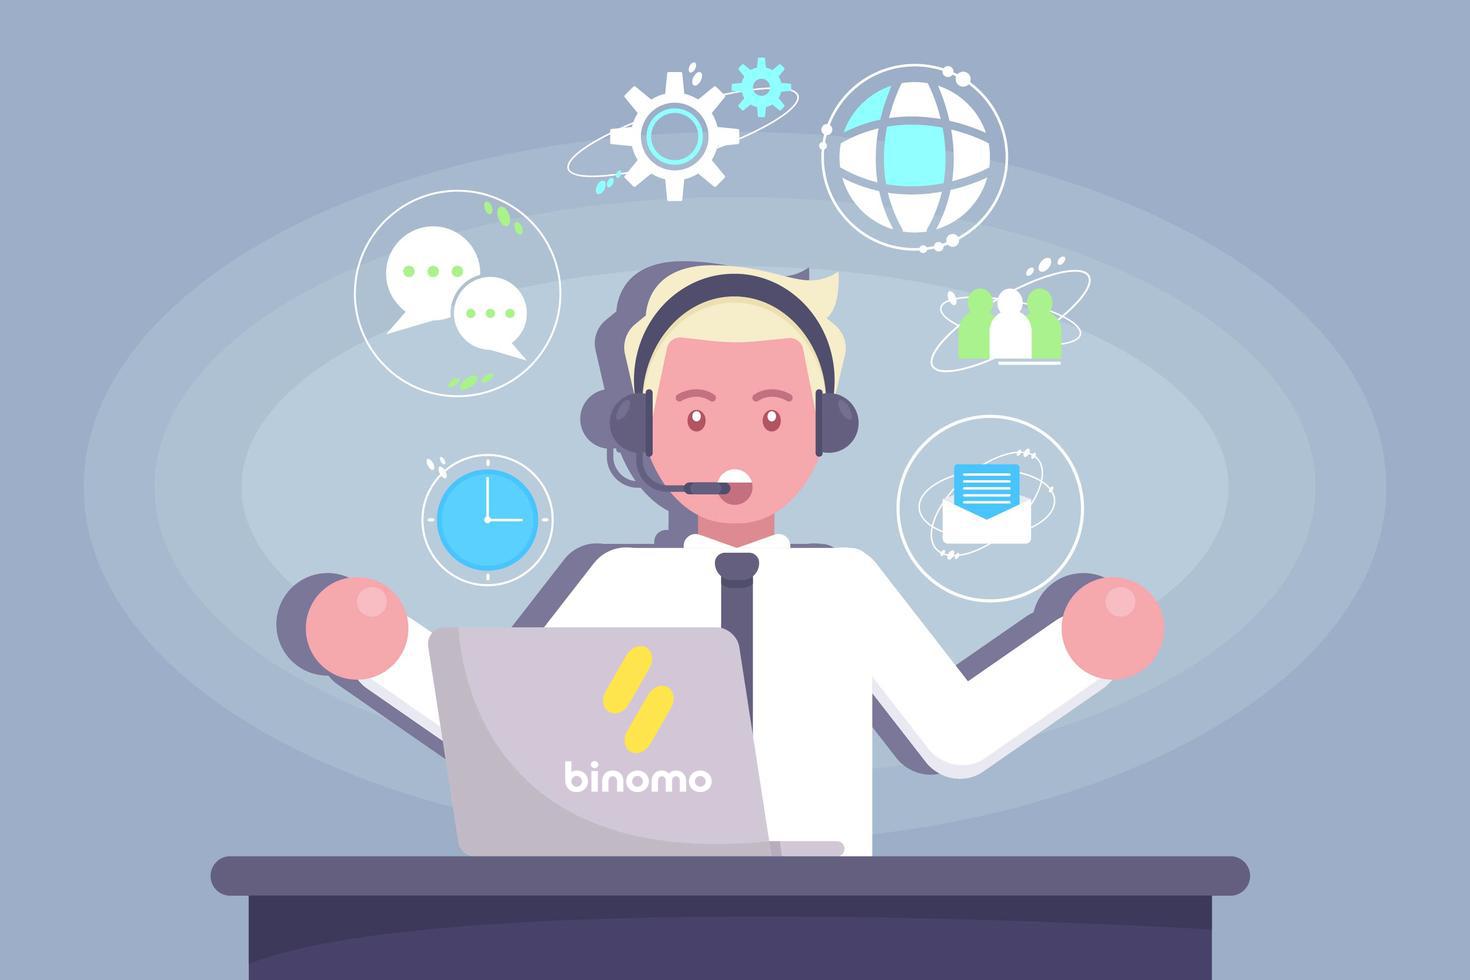 Cara Menghubungi Dukungan Binomo